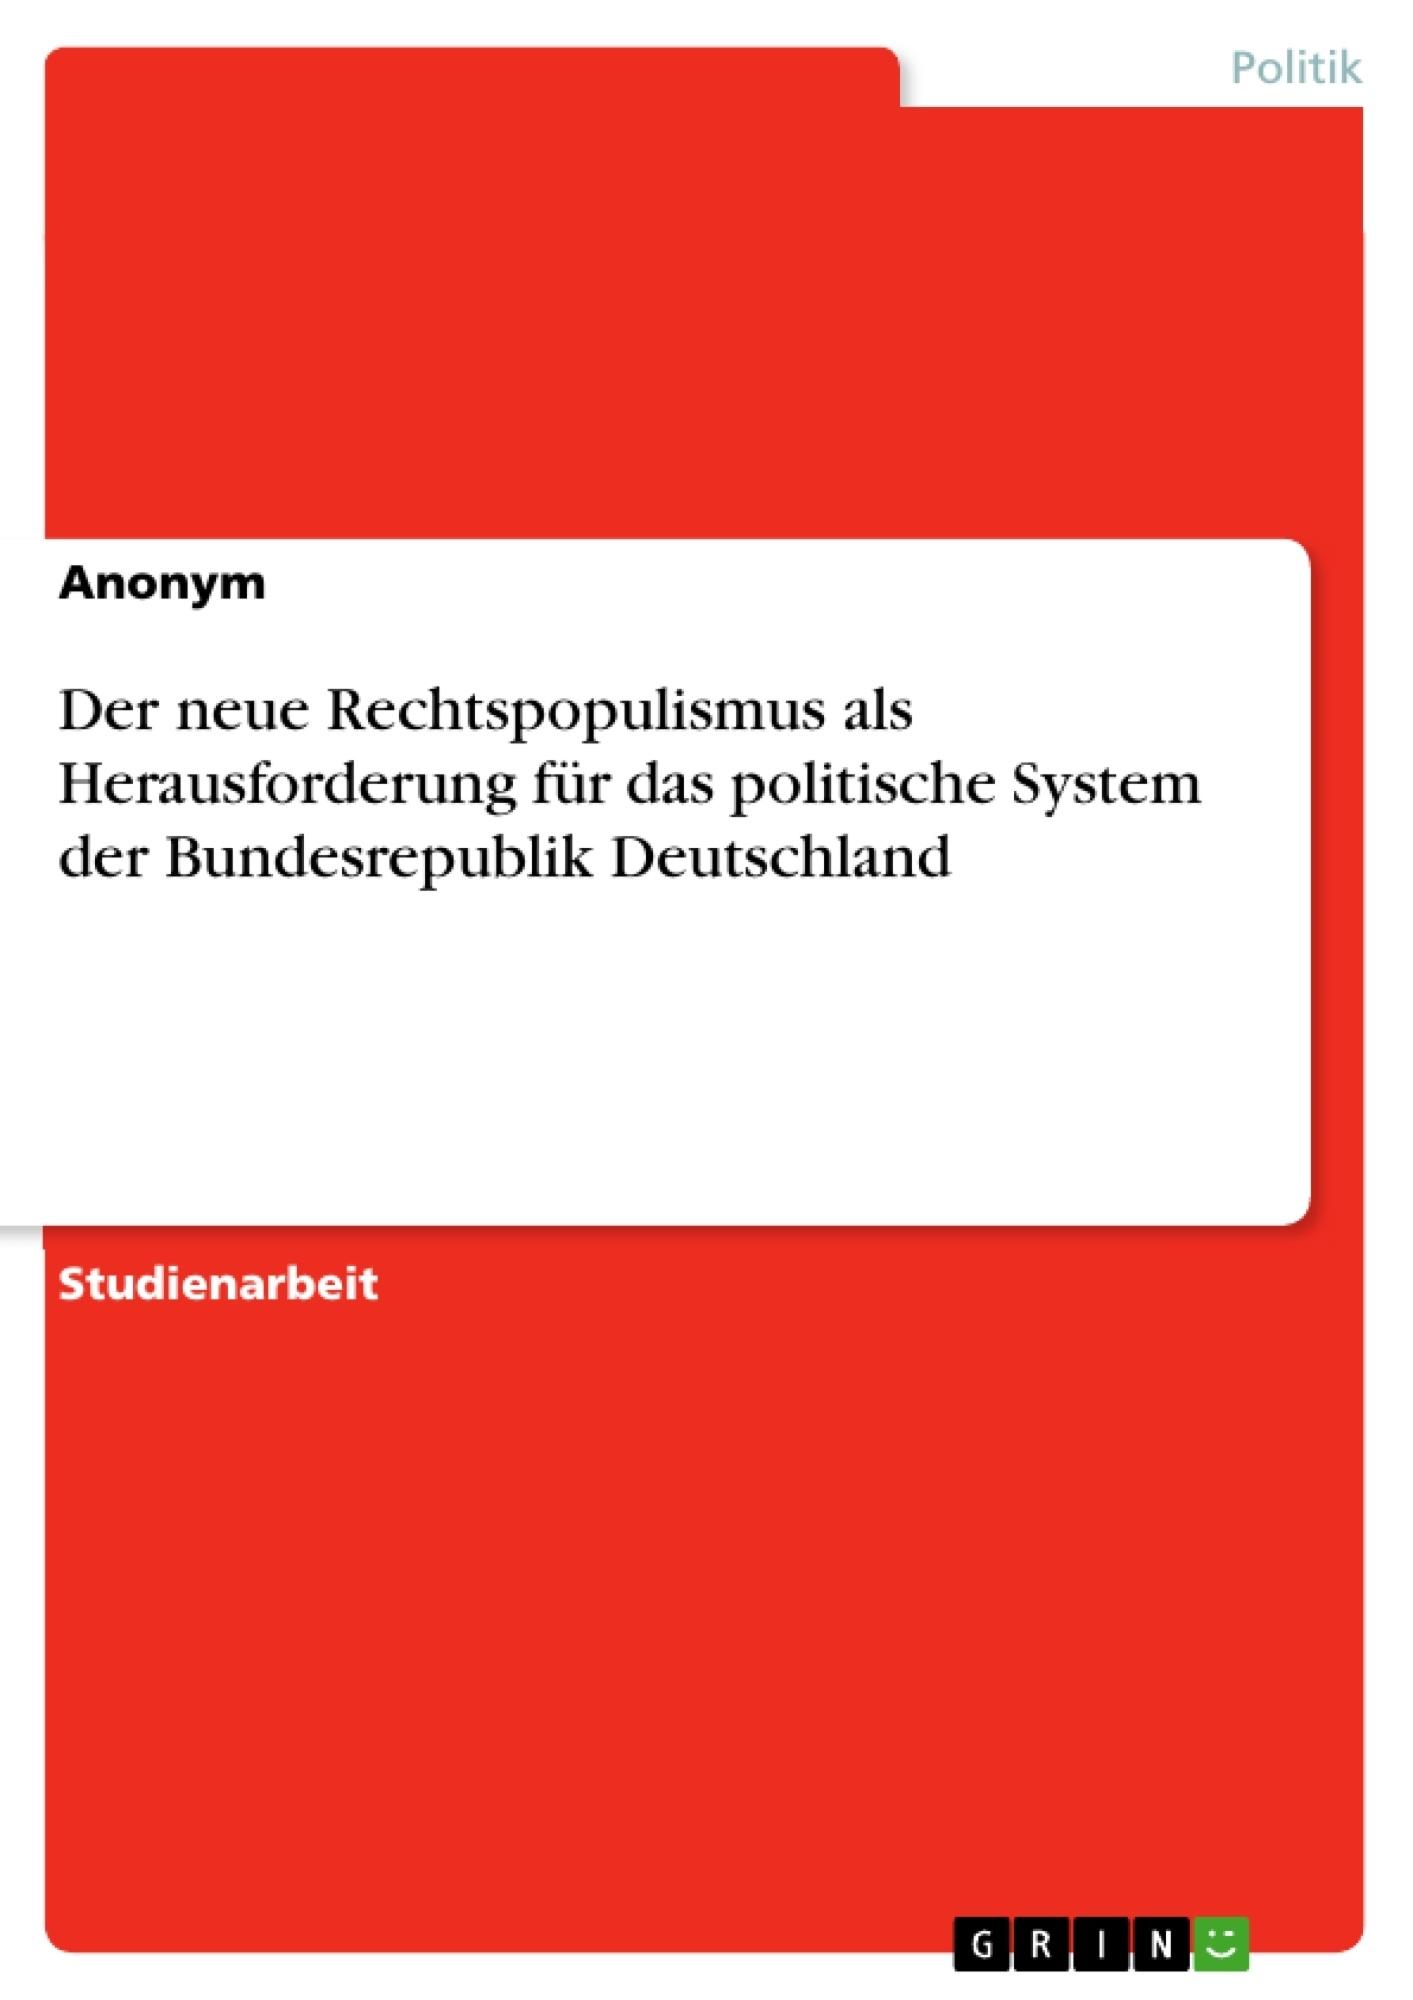 Titel: Der neue Rechtspopulismus als Herausforderung für das politische System der Bundesrepublik Deutschland